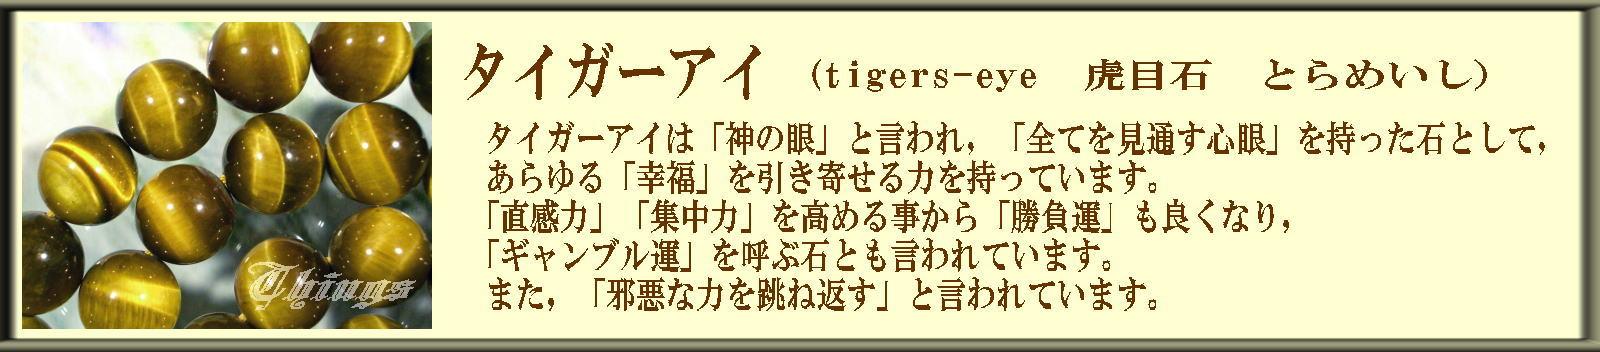 ◆イエロータイガーアイ tigers-eye 虎目石 とらめいし◆